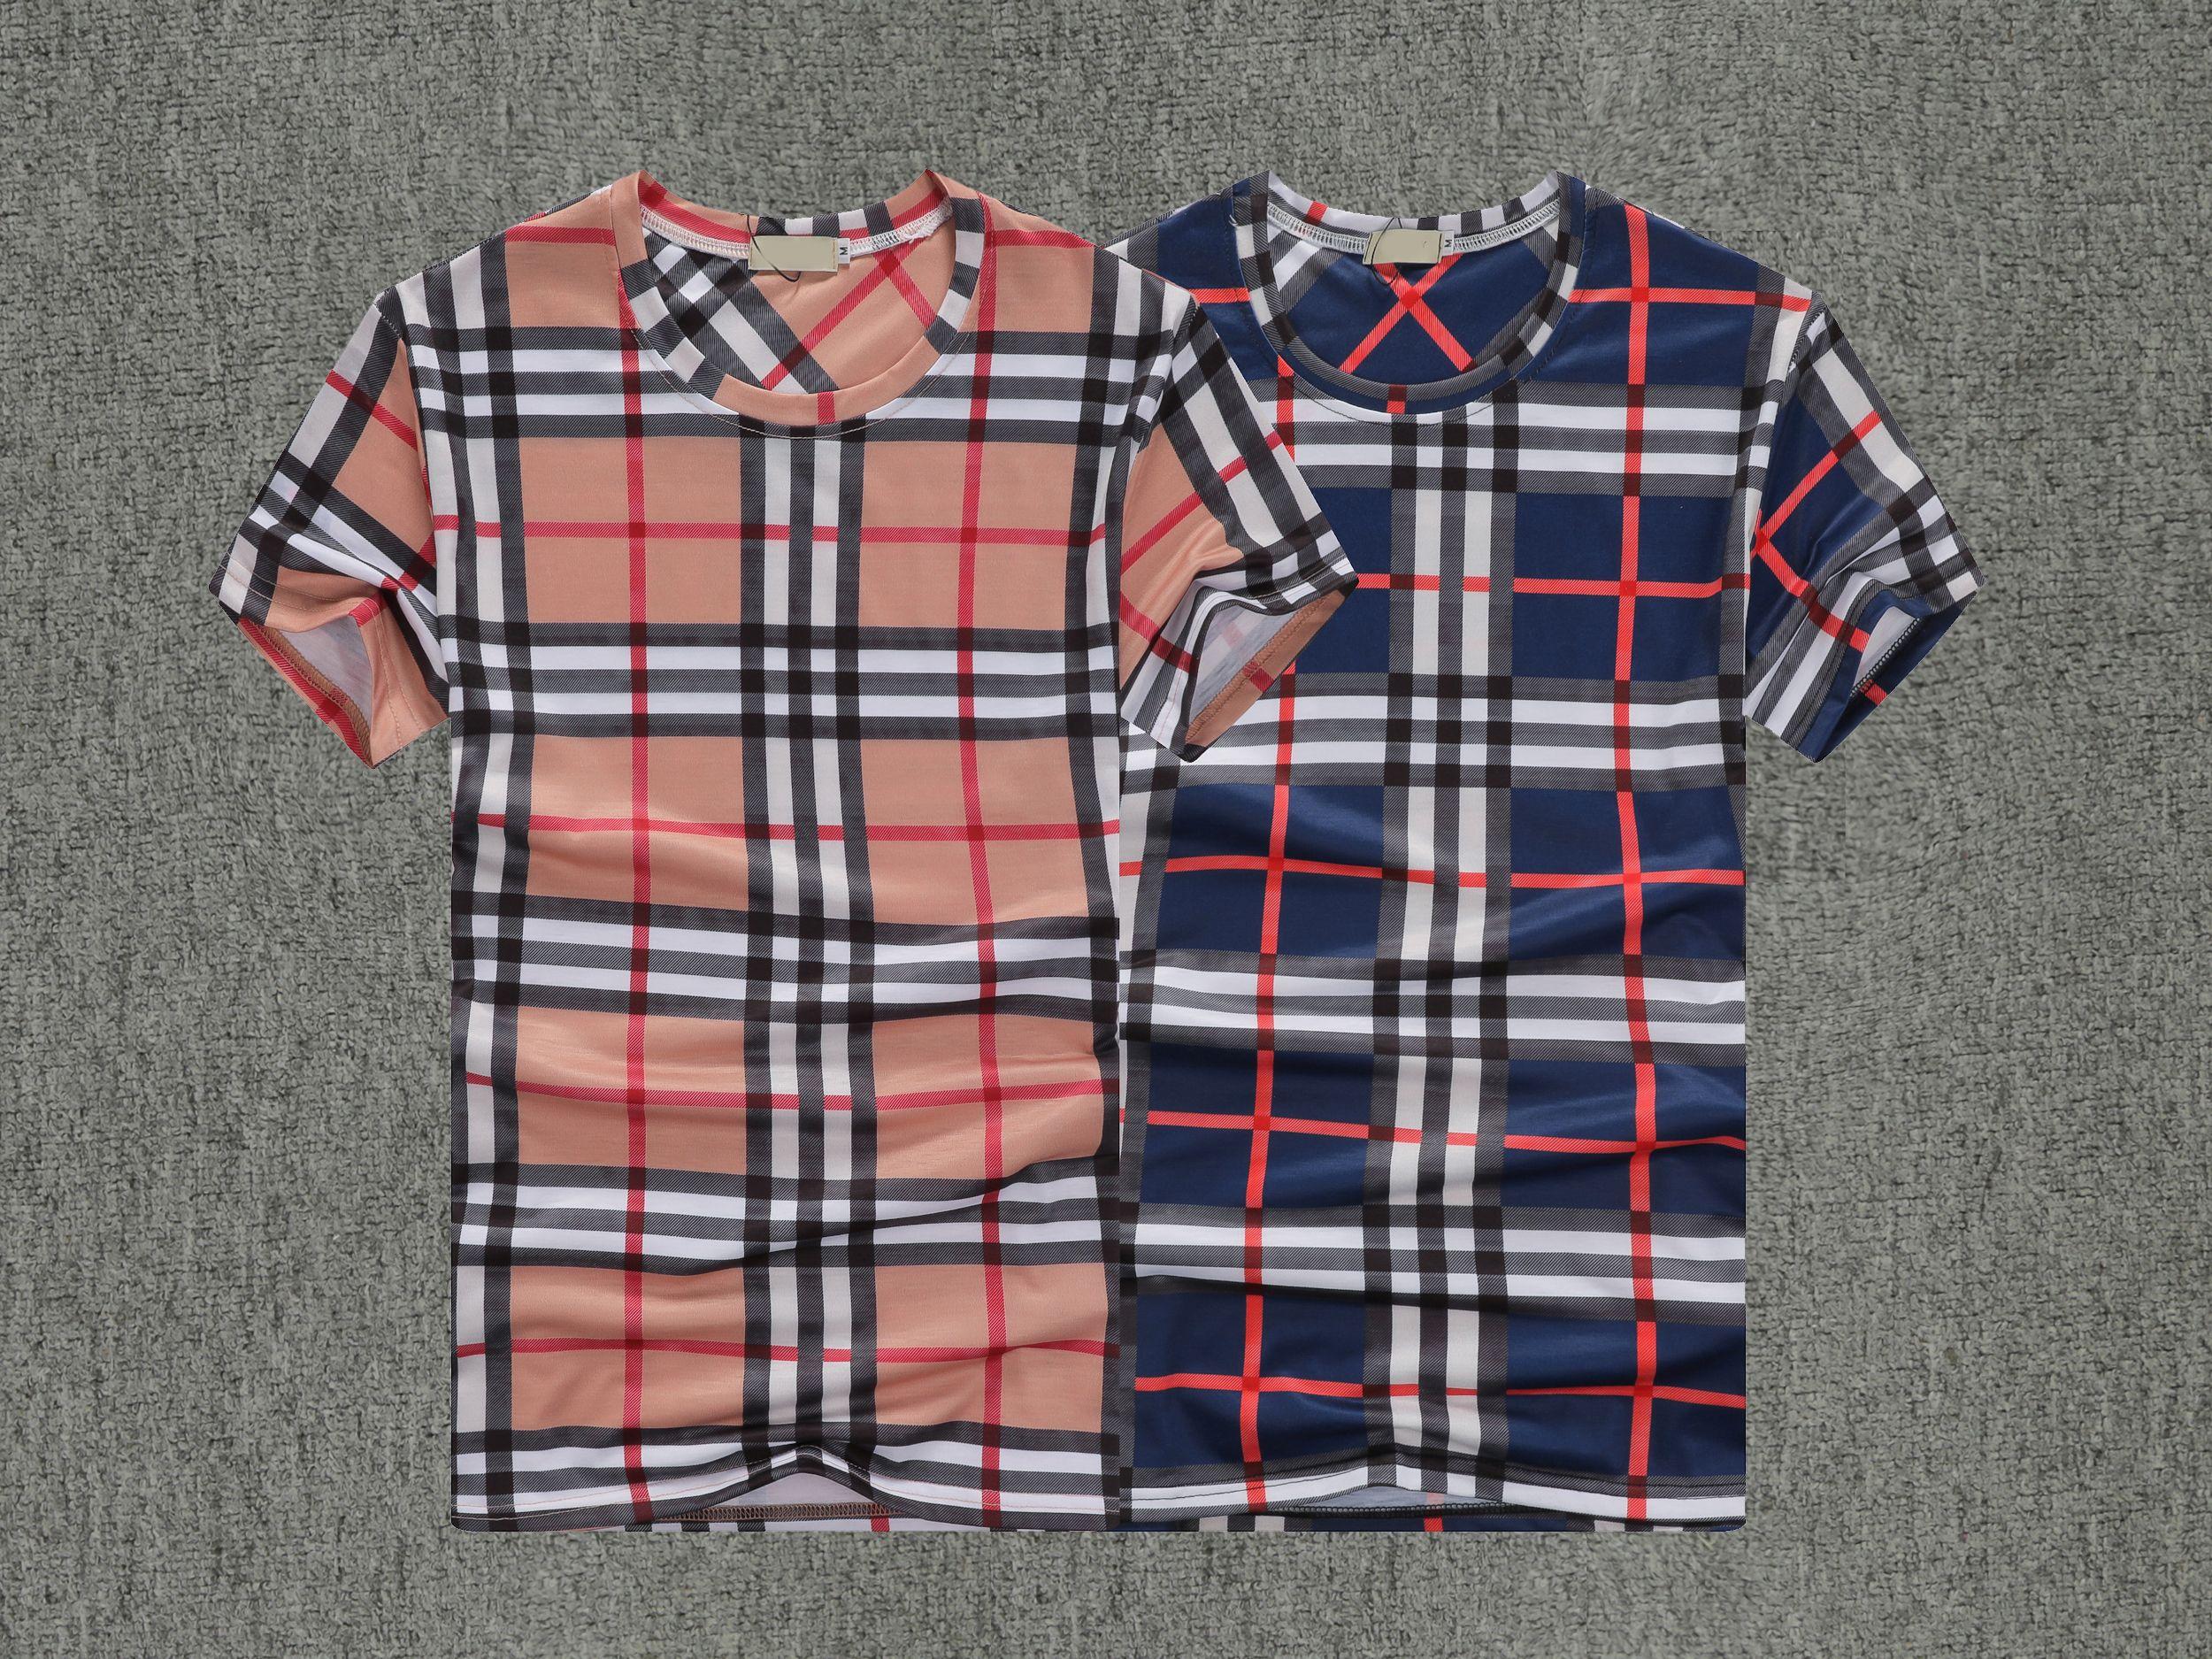 2020 Tasarımcı Paris fanlar T Shirt Erkek Giyim Kadın Yaz Casual T Shirt Pamuk mektup moda Kısa Kollu Medusa T Shirt M-3XL 8s